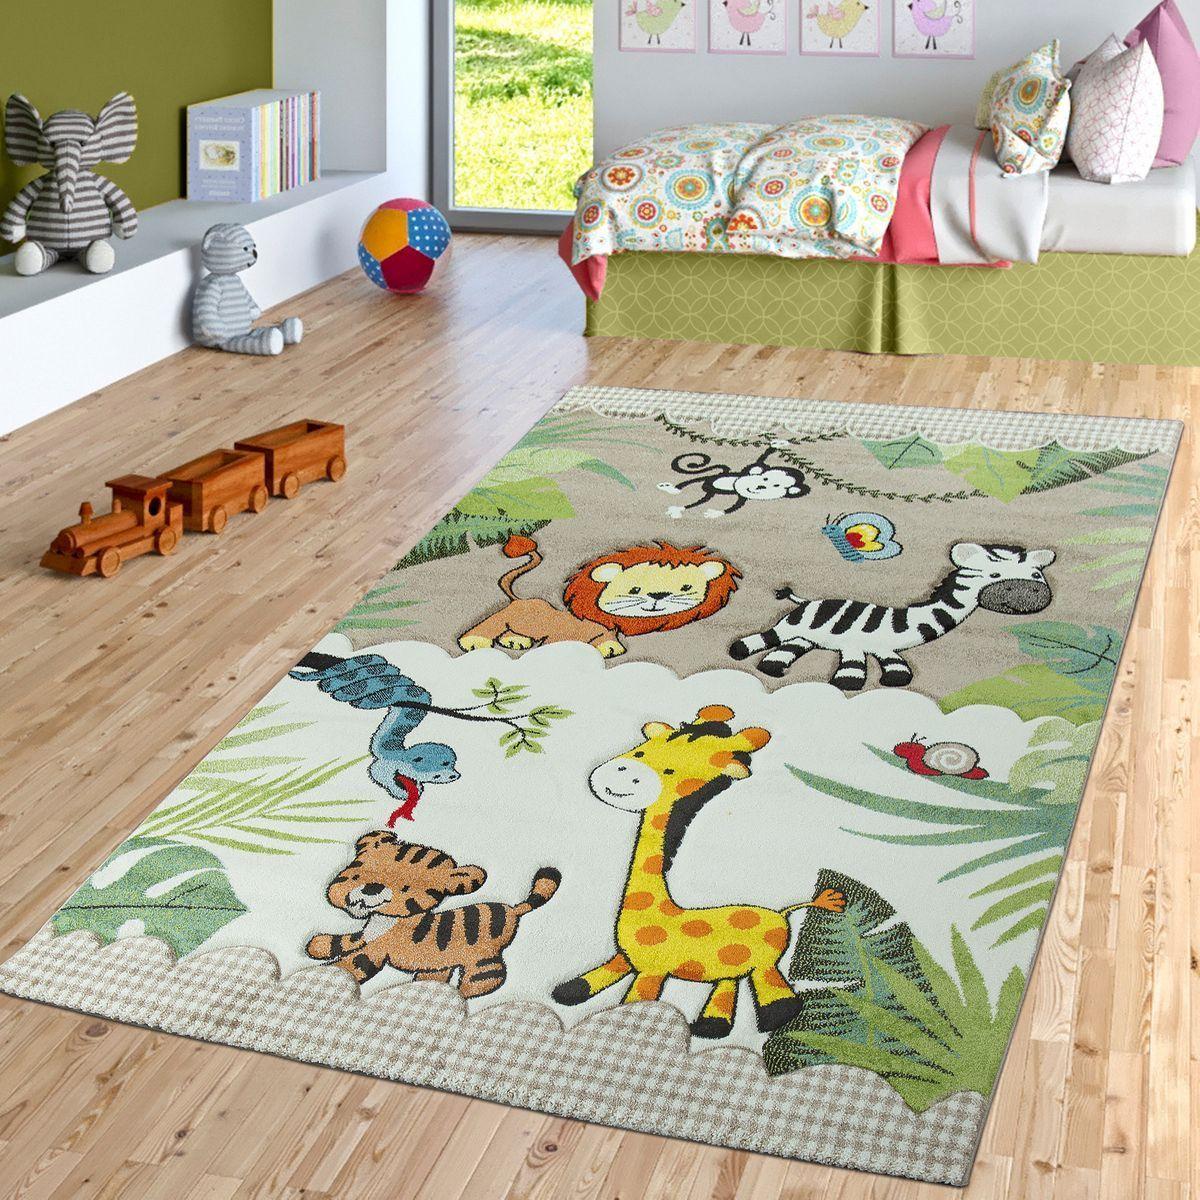 Kinderzimmer Teppich Dschungel Beige Creme Teppichmax Teppich Kinderzimmer Kinderzimmer Teppich Madchen Kinderzimmer